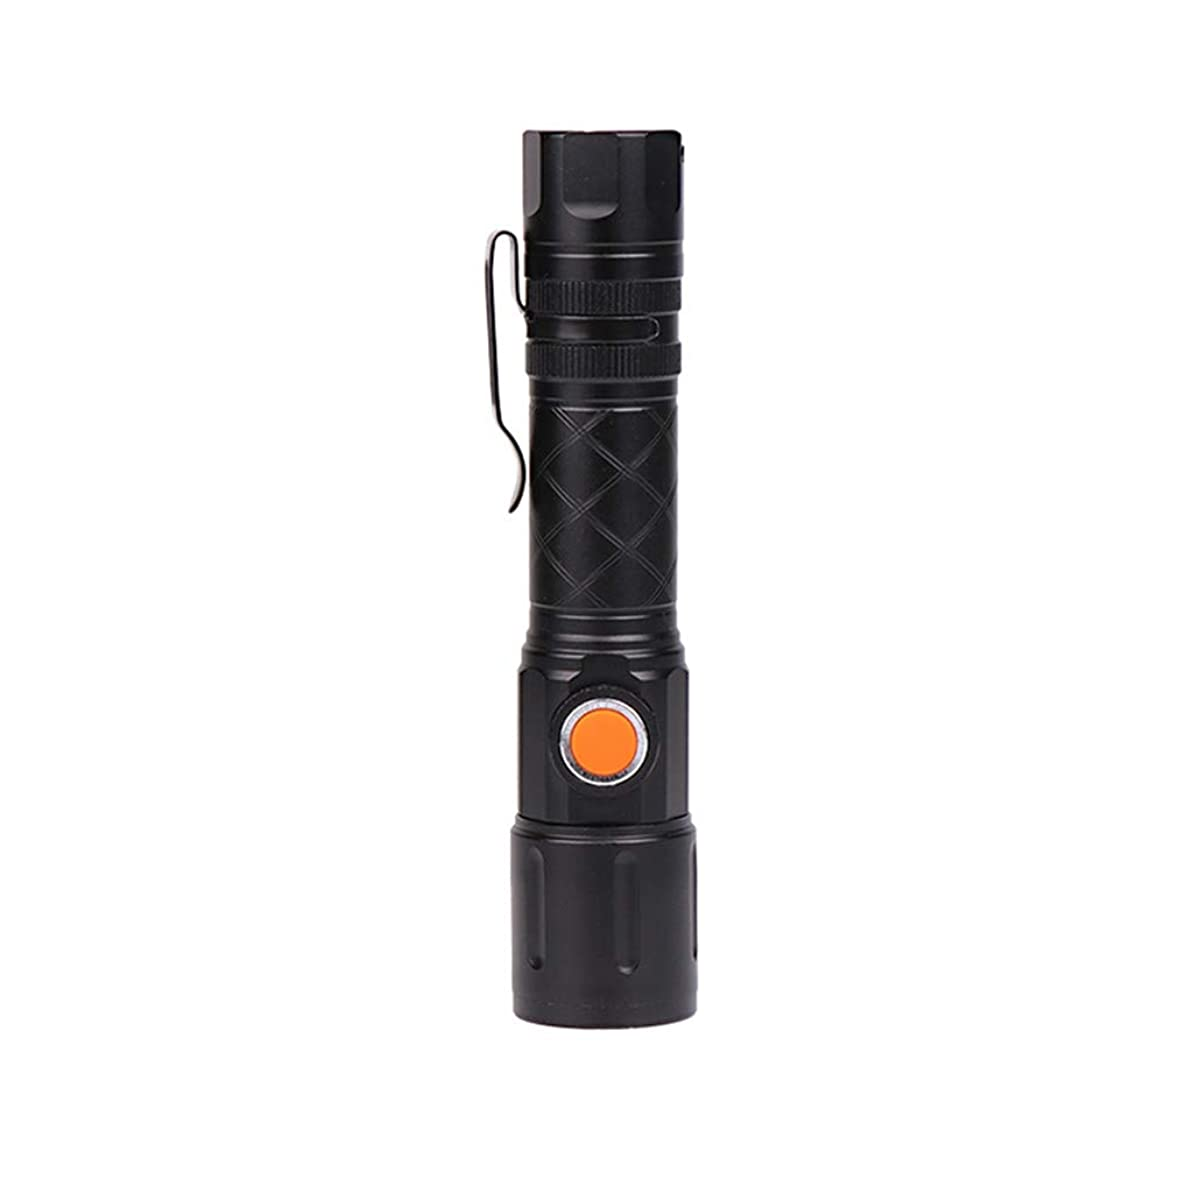 保護する通訳湖Feteso 懐中電灯 2019新作 USB充電 LEDライト 登山 釣り 夜間作業 キャンプ 停電 防災 地震対策 持ち運びに便利 2019 New LED Fashion Flashlight